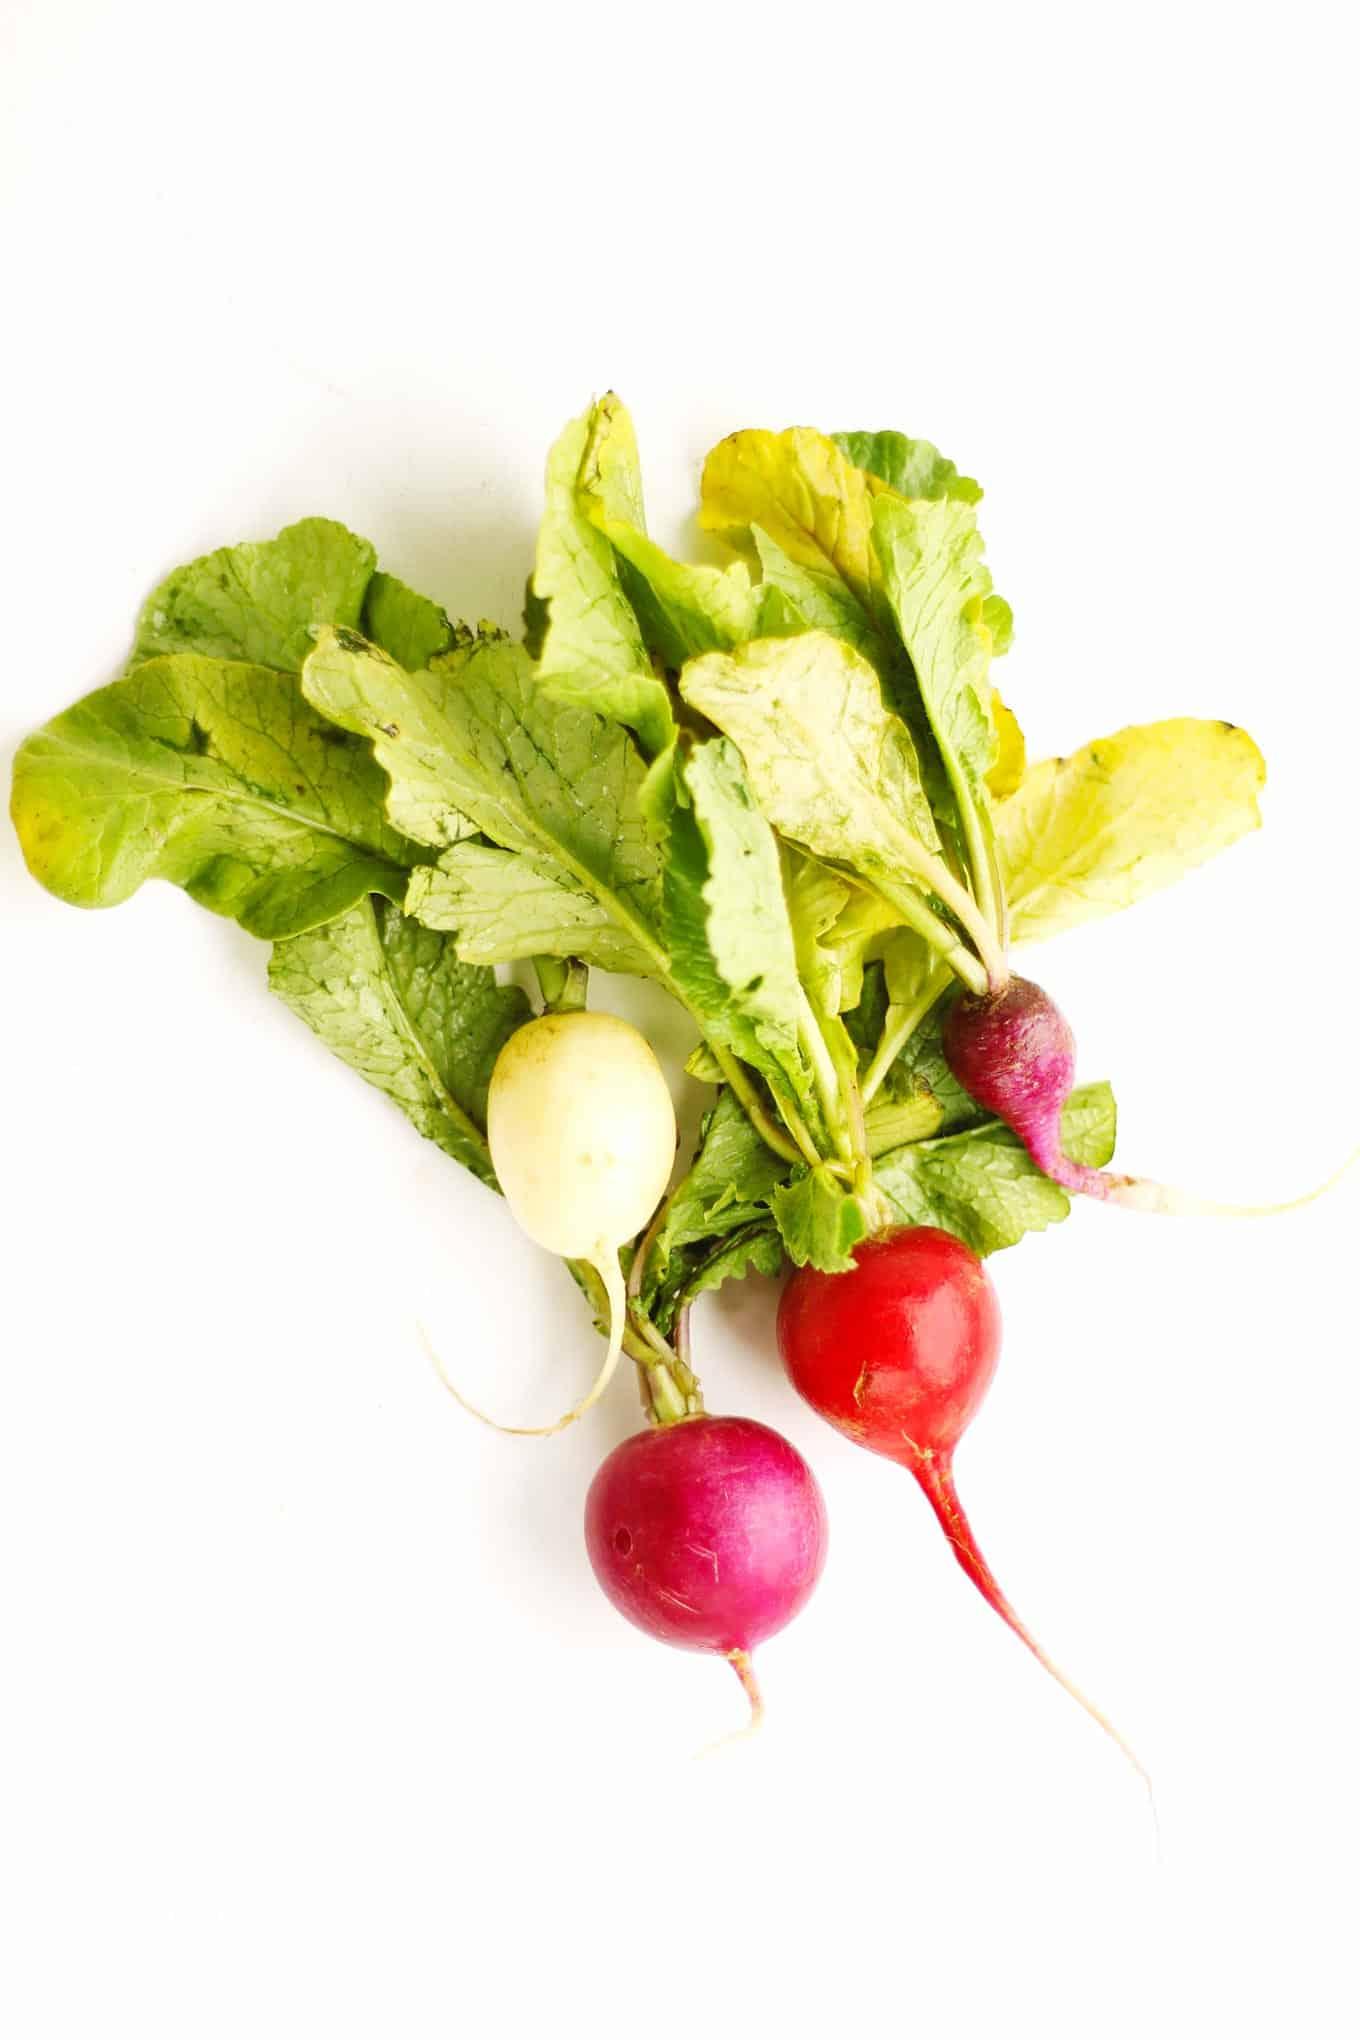 Spring veggies: radish